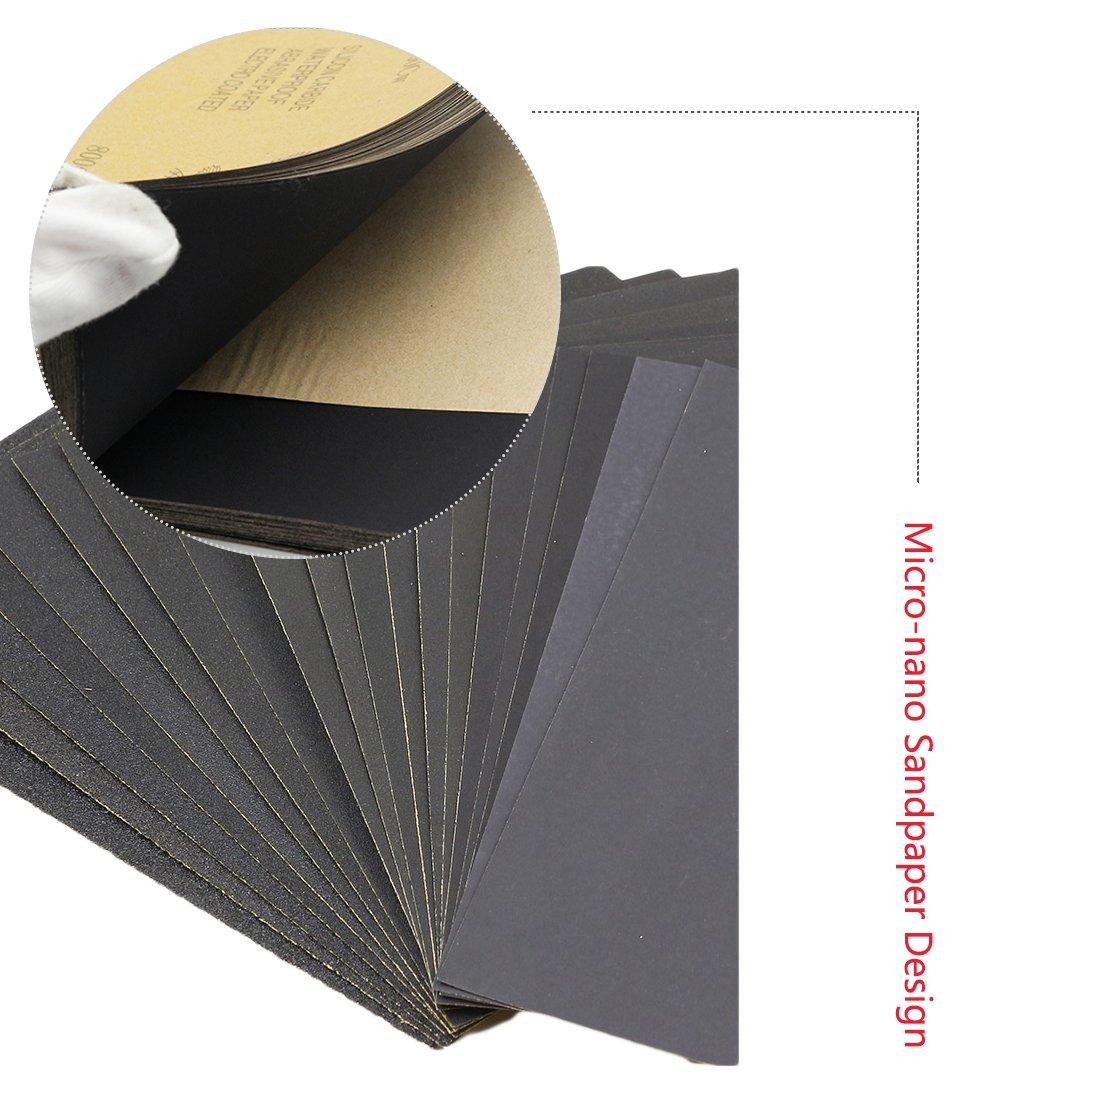 Papel de lija seco y h/úmedo Pulido de agua Lijado de arena Placa Herramientas de carpinter/ía plegables 230 280mm 2000#